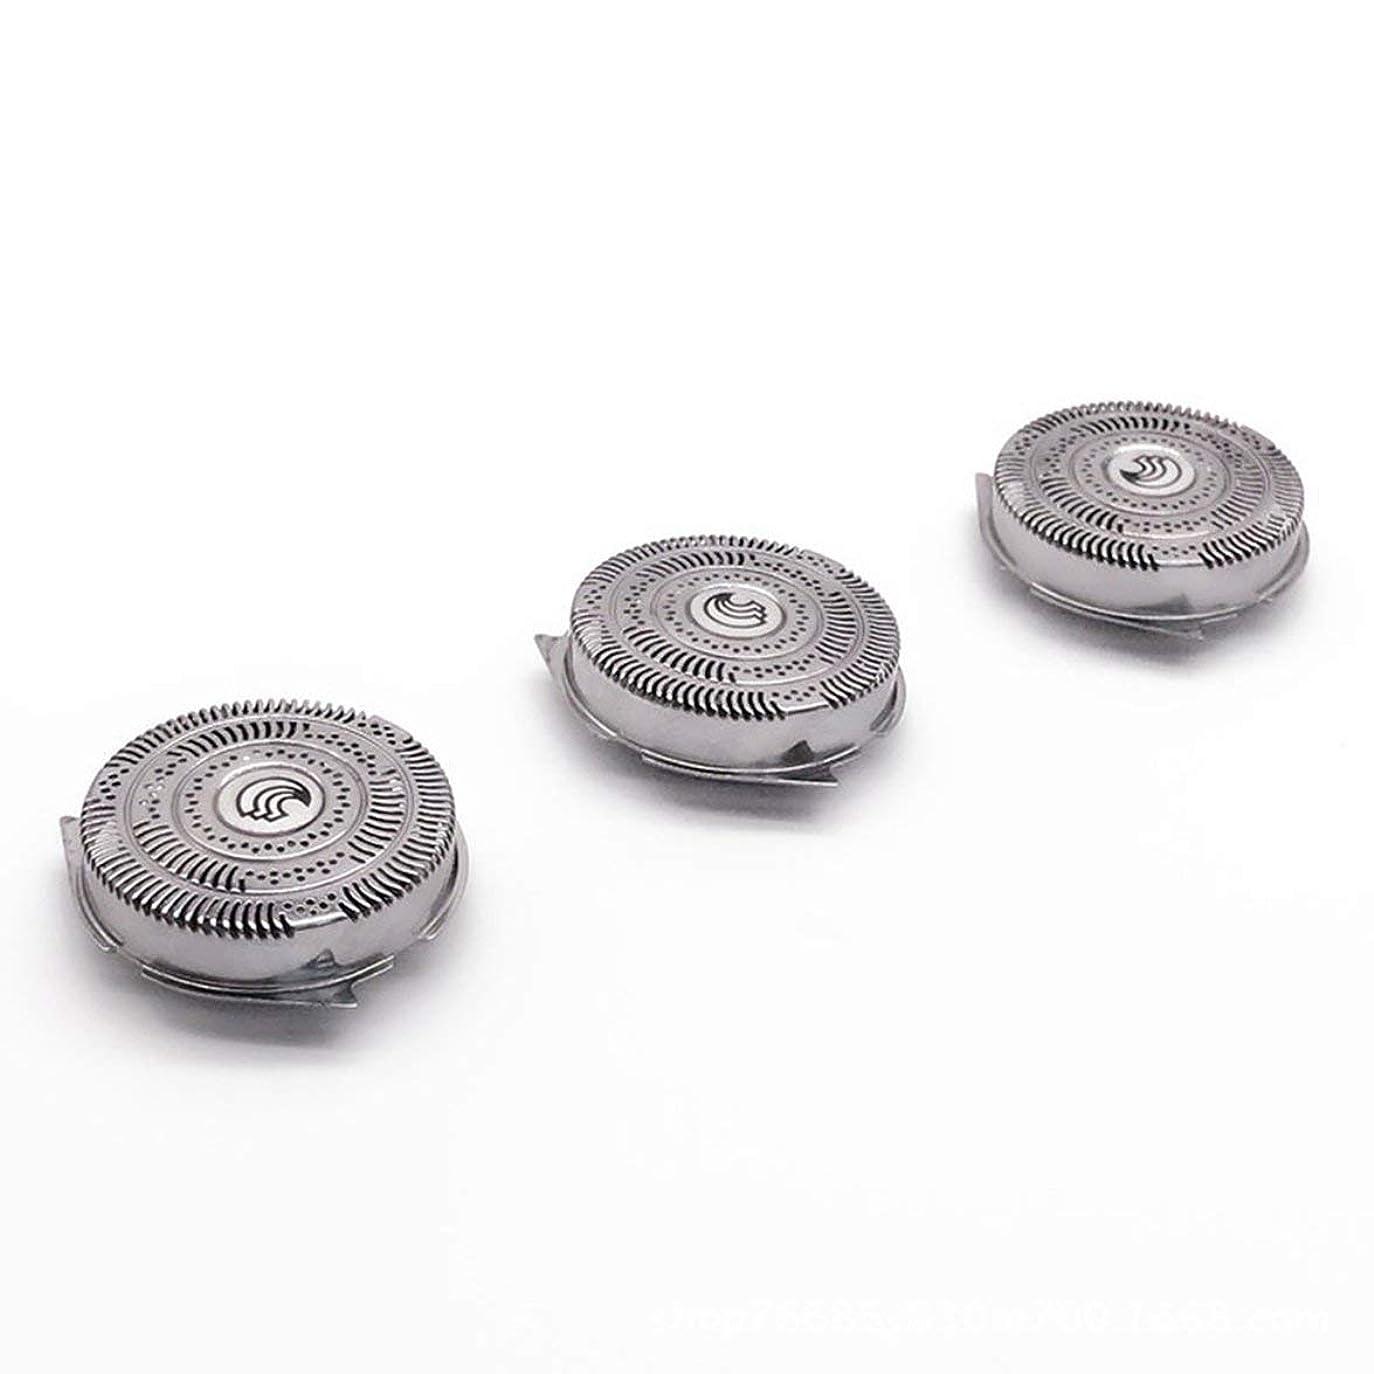 流国内のウミウシフィリップスHQ9070 HQ9080 HQ8240 / 8260 PT920ロータリーシェーバーアクセサリー用シルバー3本シェーバーかみそり刃シェービングヘッド交換用フィット - シルバー